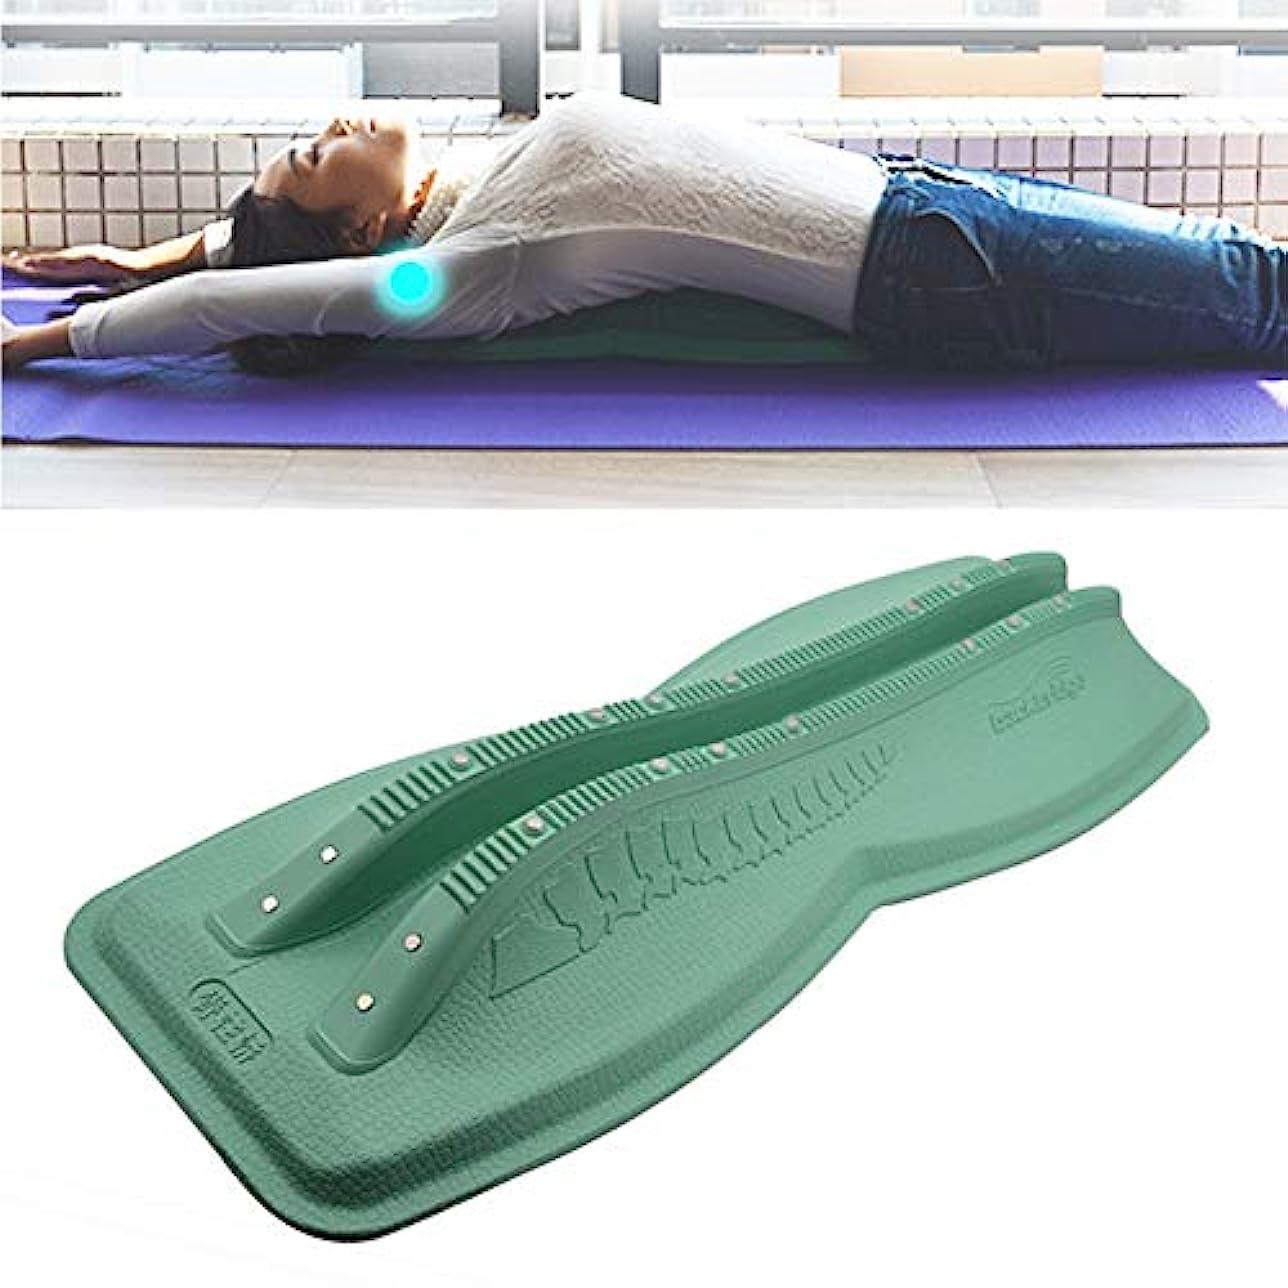 余韻メンテナンス困難ホームバックコレクターキャメルバックコレクター頸部腰椎マッサージ脊椎脊椎ストレッチストレッチ